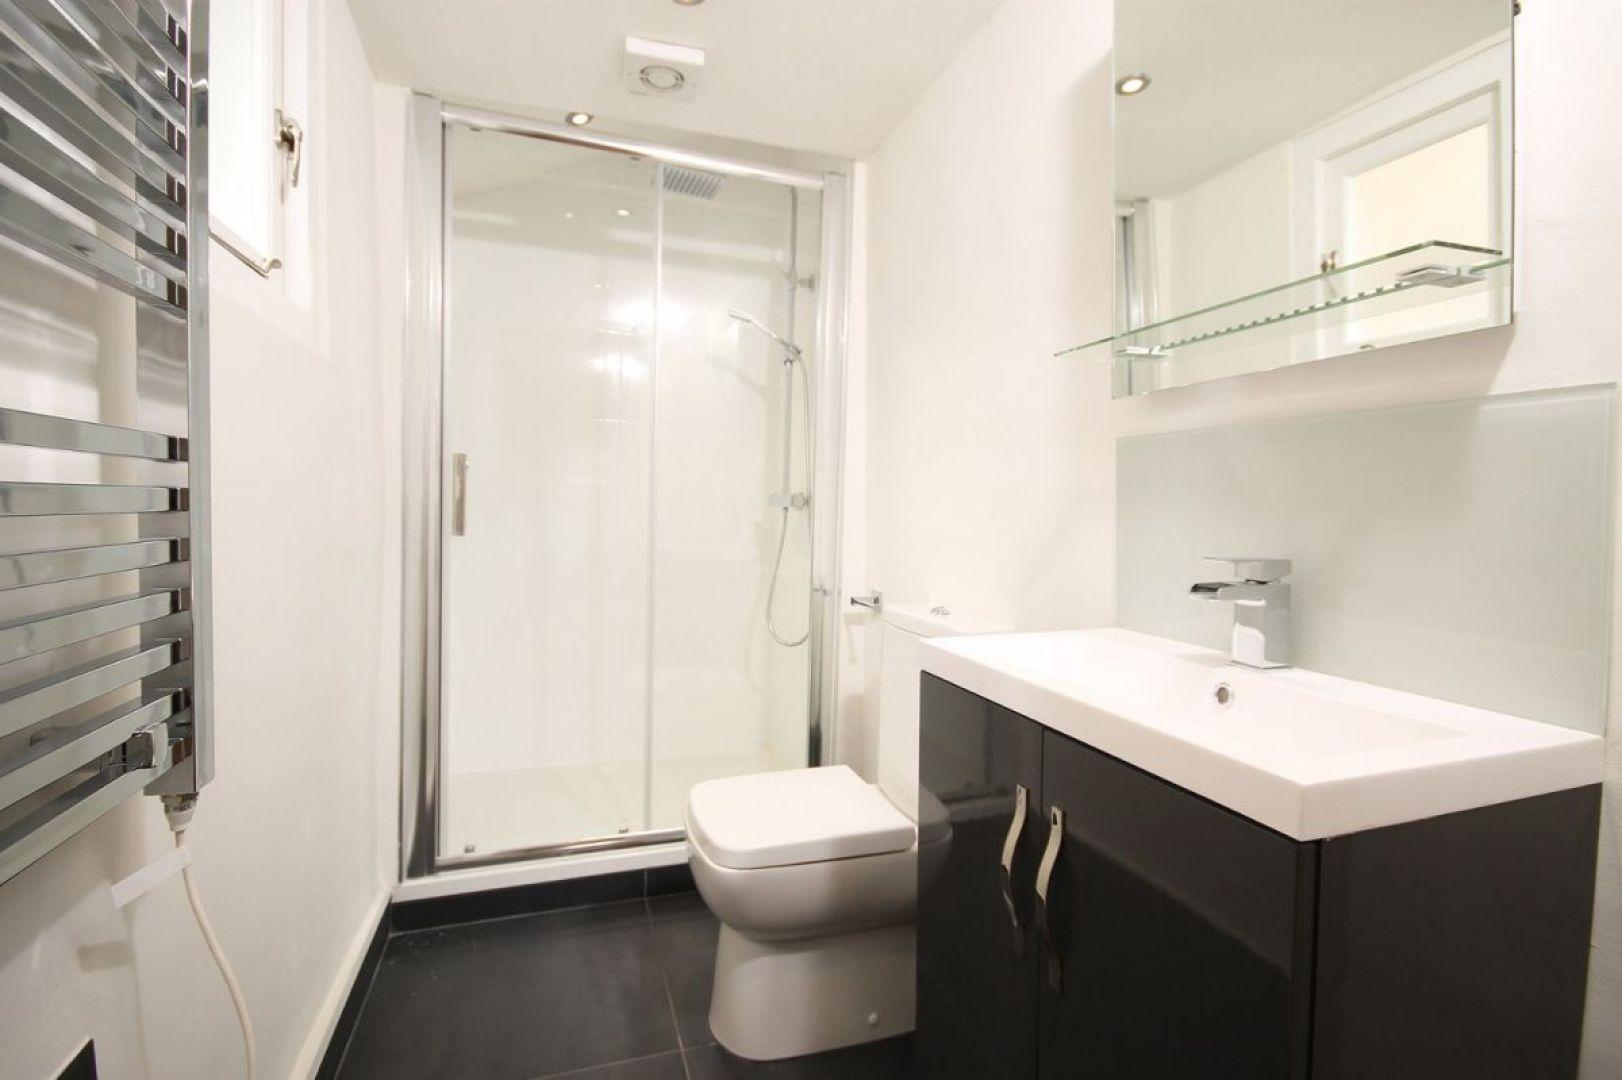 Aby wspomóc cyrkulację powietrza w tzw. ciemnej łazience (bez okna), możemy zastosować wentylator mechaniczny. Fot. Pixabay